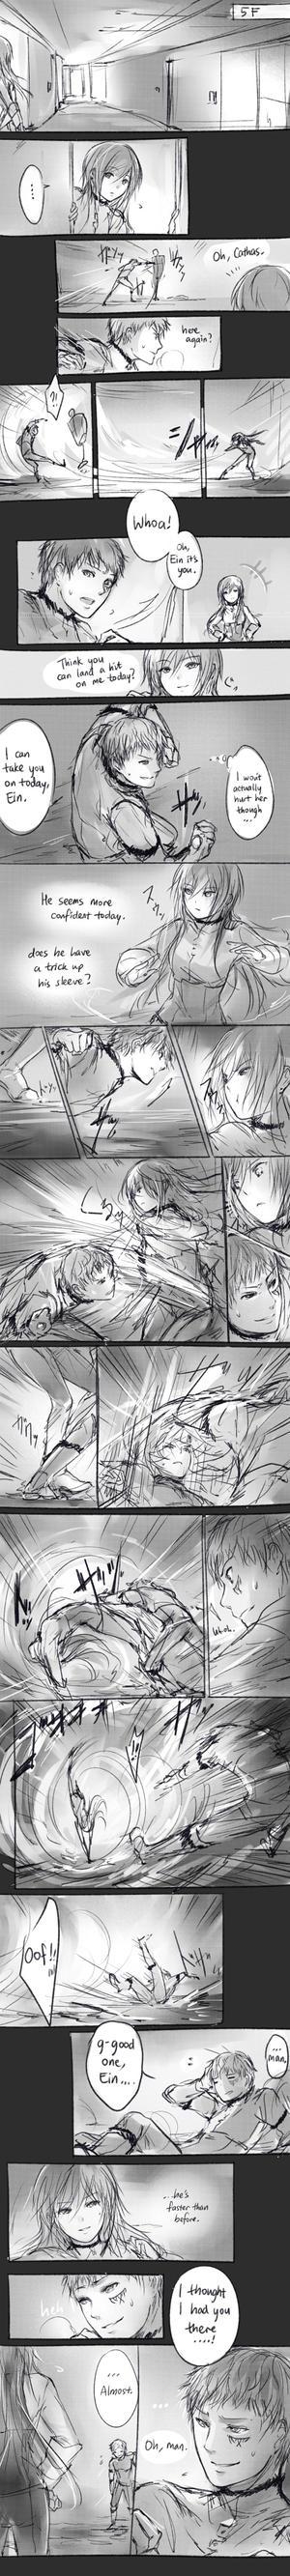 sparring by yukihomu